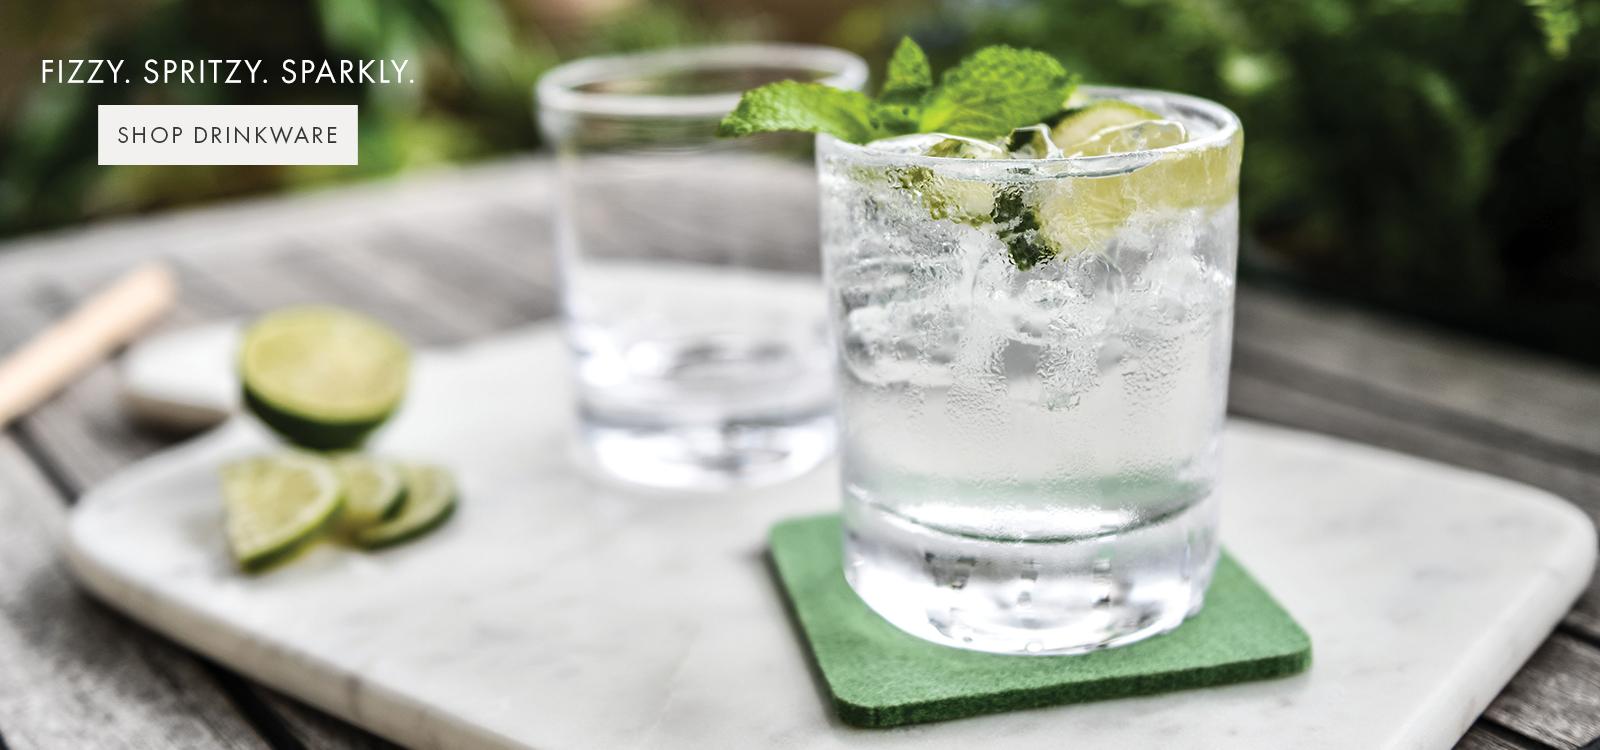 FIZZY. SPRITZY. SPARKLY. — SHOP DRINKWARE >